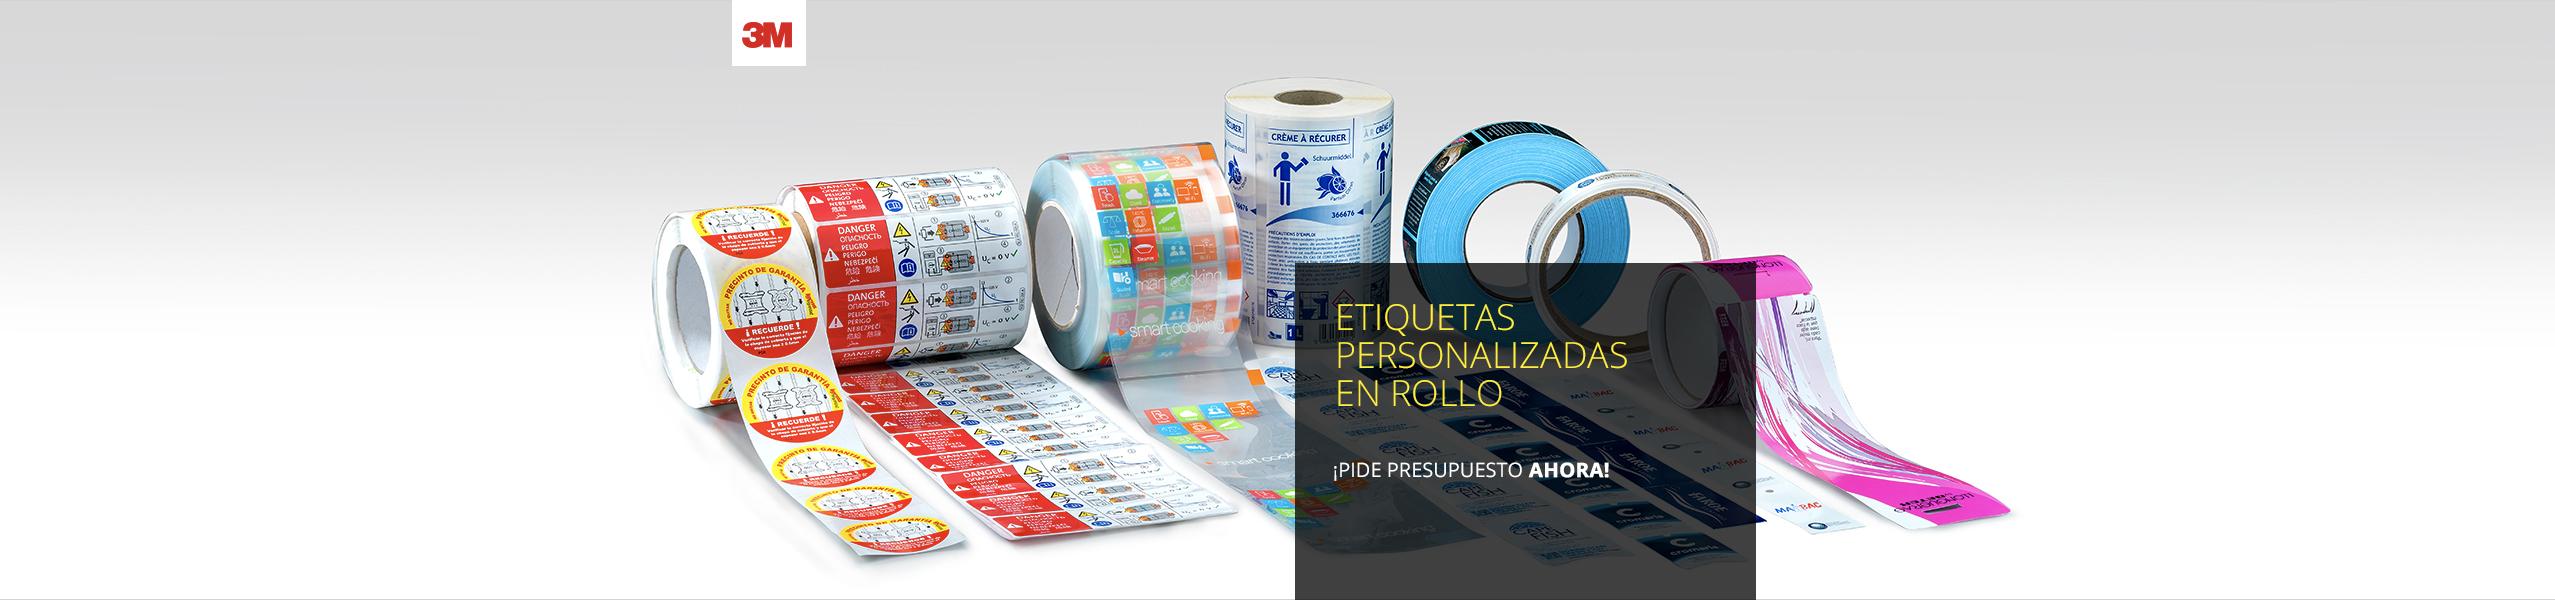 Impresión de etiquetas adhesivas en rollo para todo tipo de sectores y aplicaciones